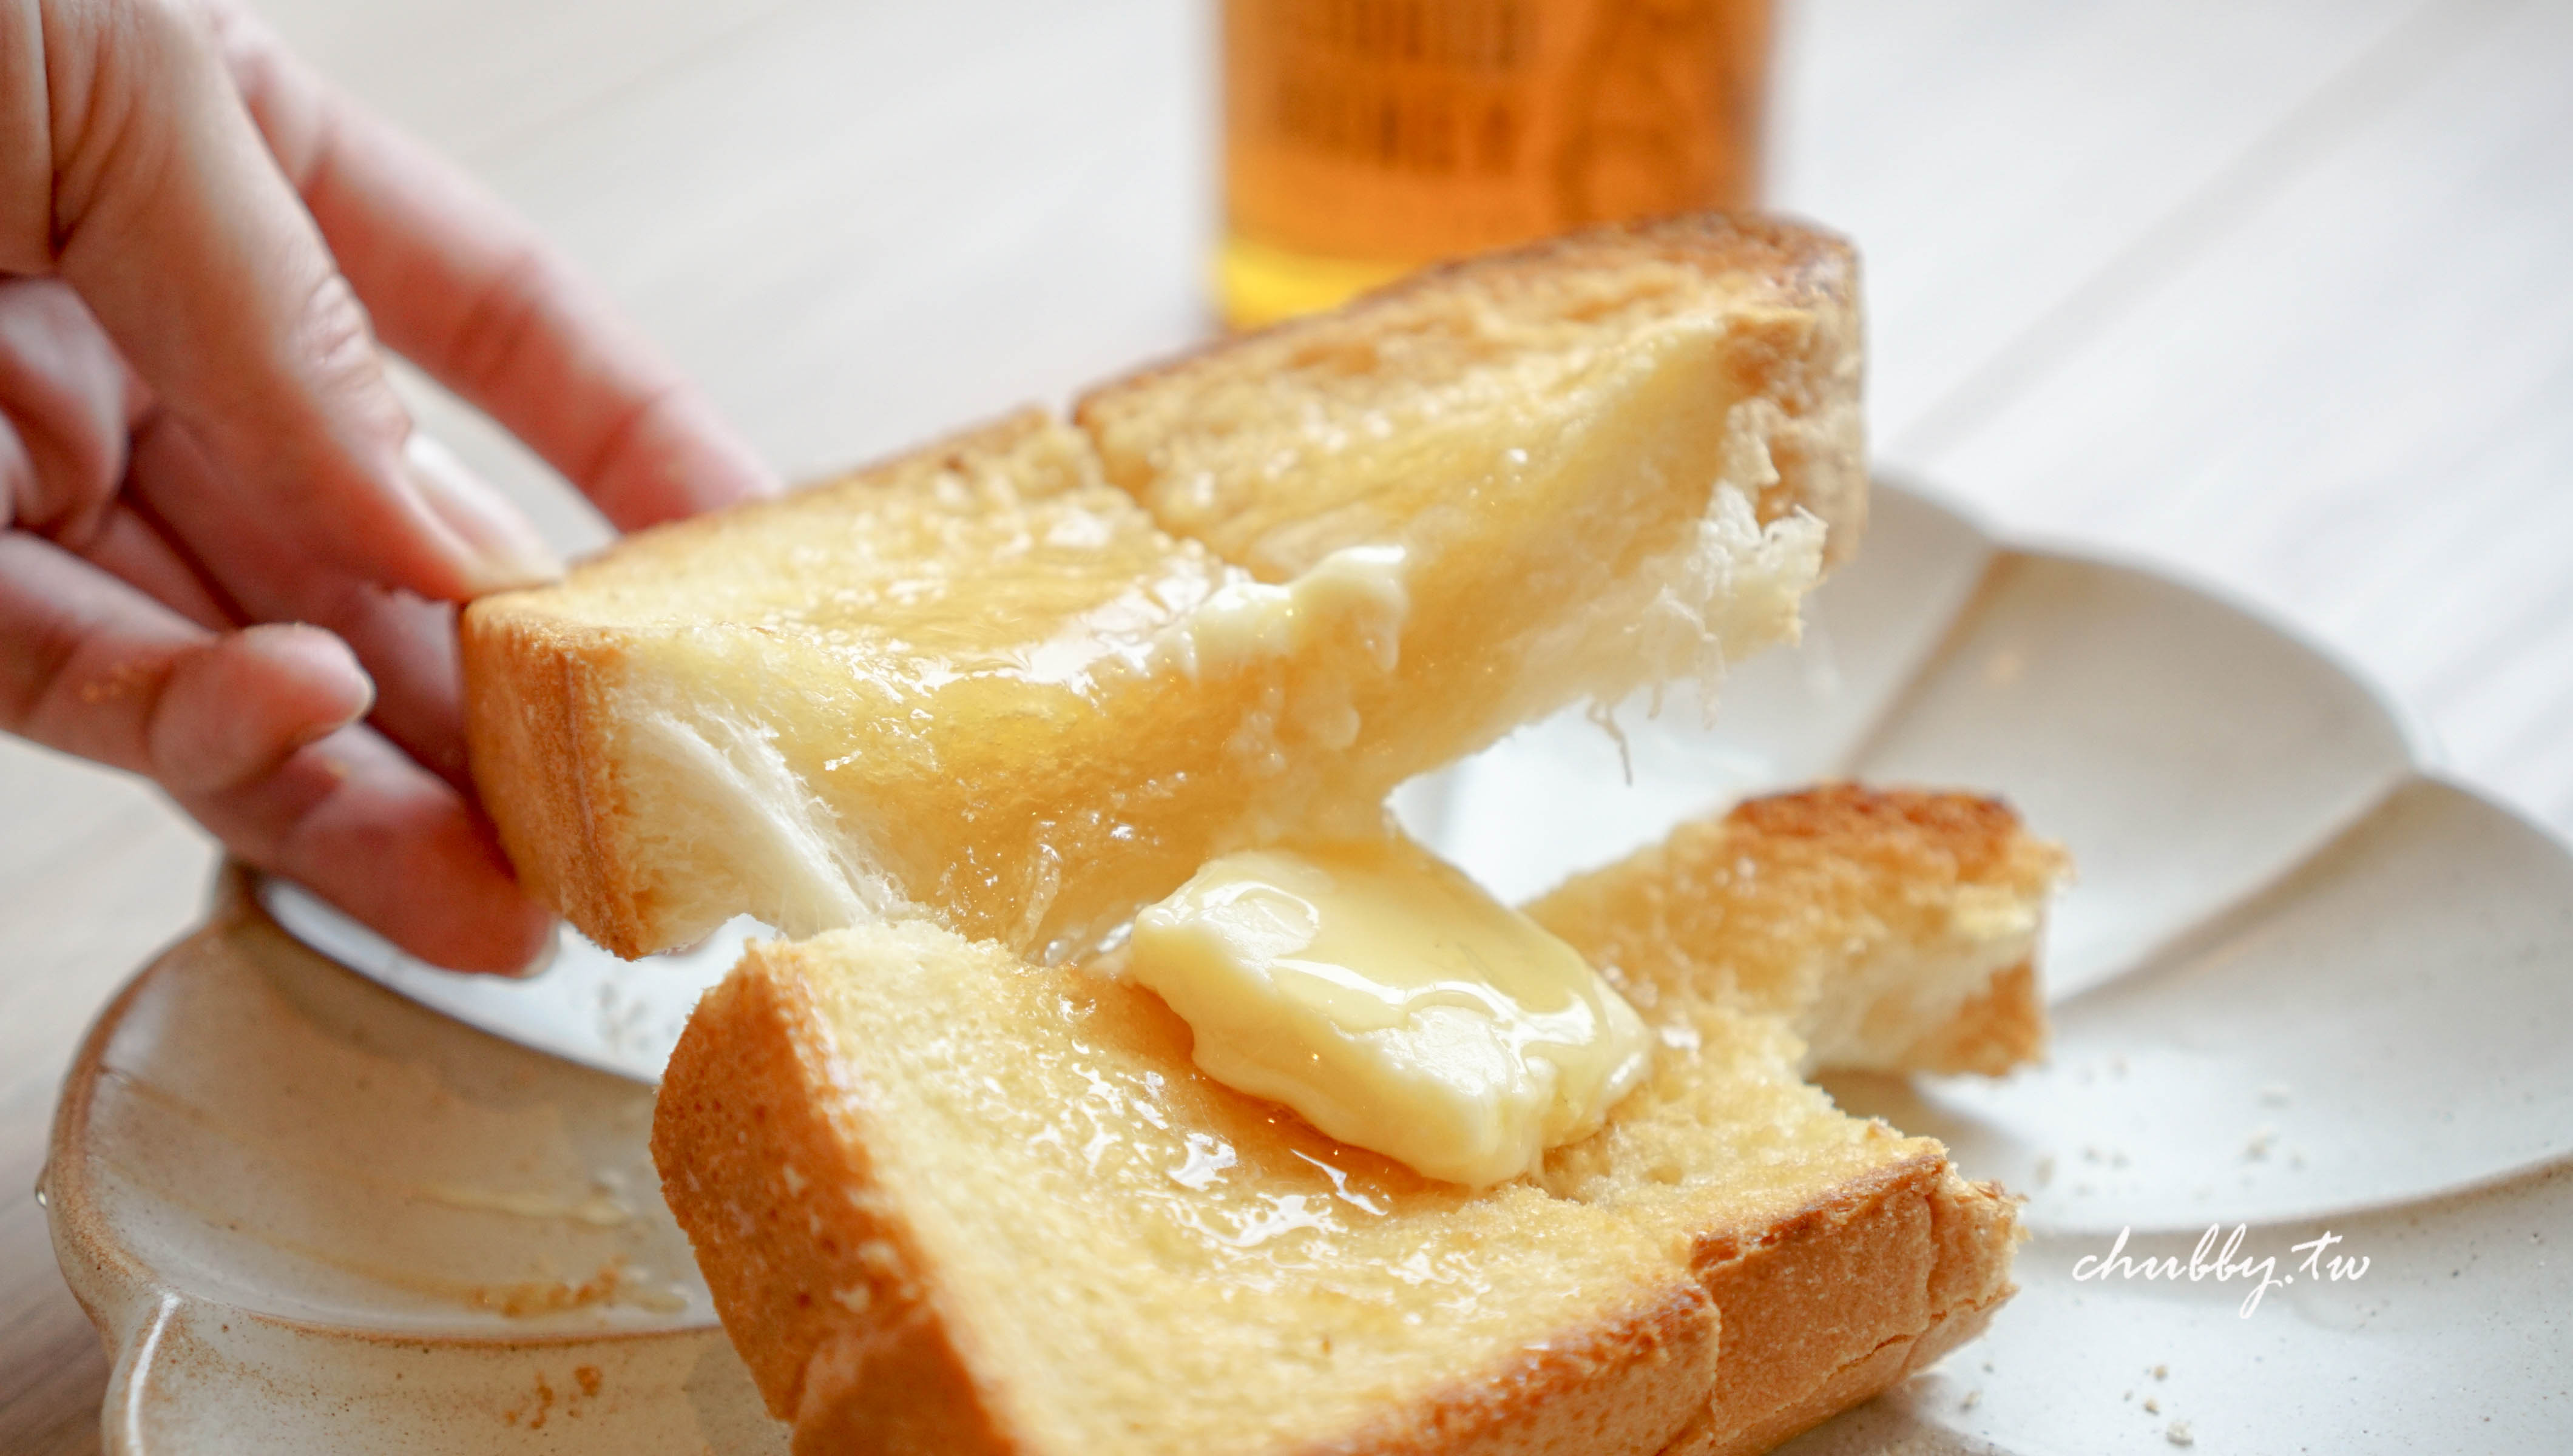 居家常備蜂蜜推薦│加拿大蜂蜜獵人。稀有奶油質地蜂蜜:雪蜜snow honey、三道蜂蜜料理食譜公開!